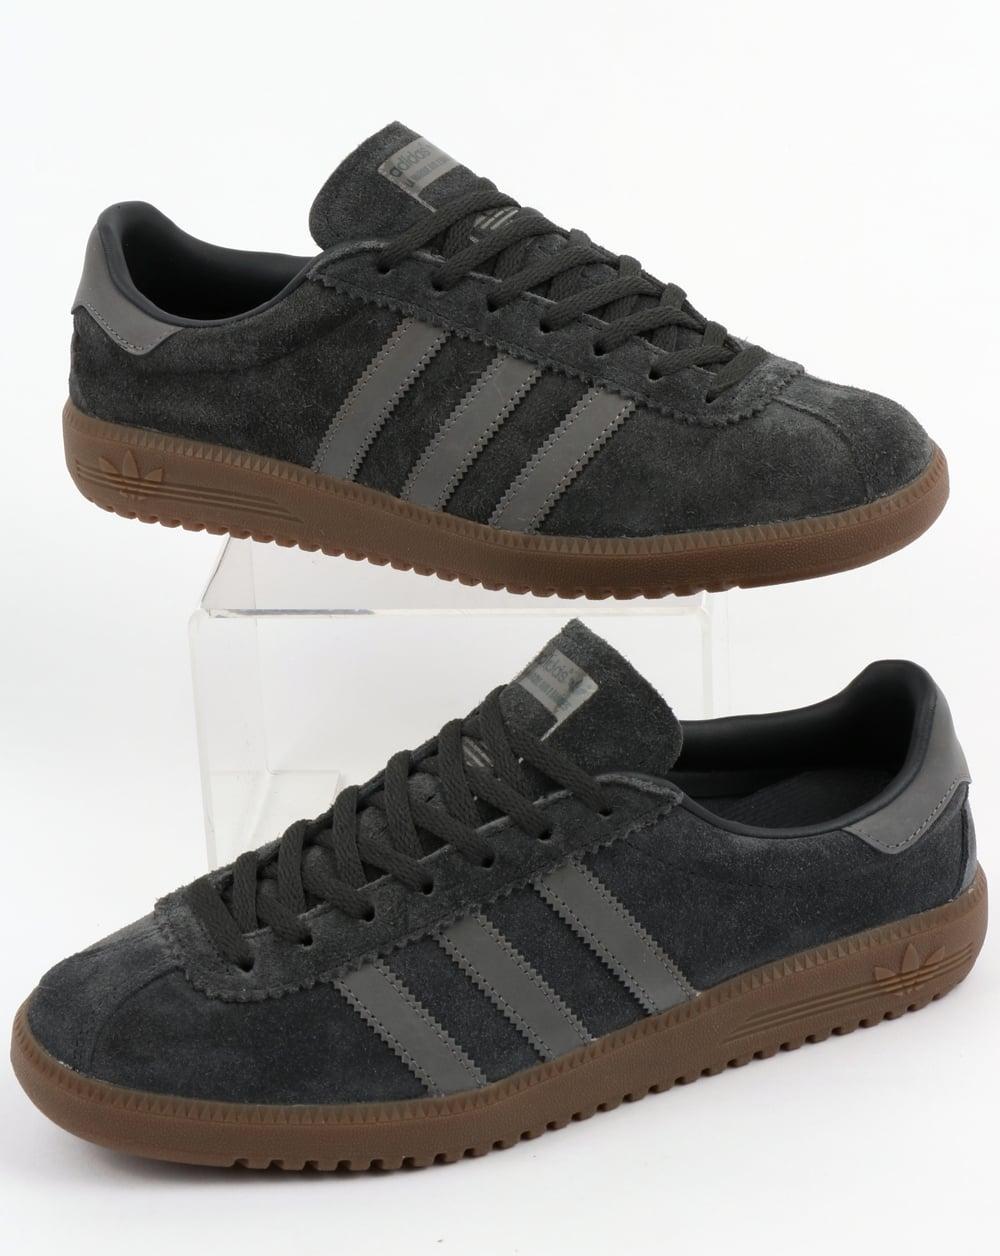 5331addf723080 adidas Trainers Adidas Bermuda Trainers Carbon Grey